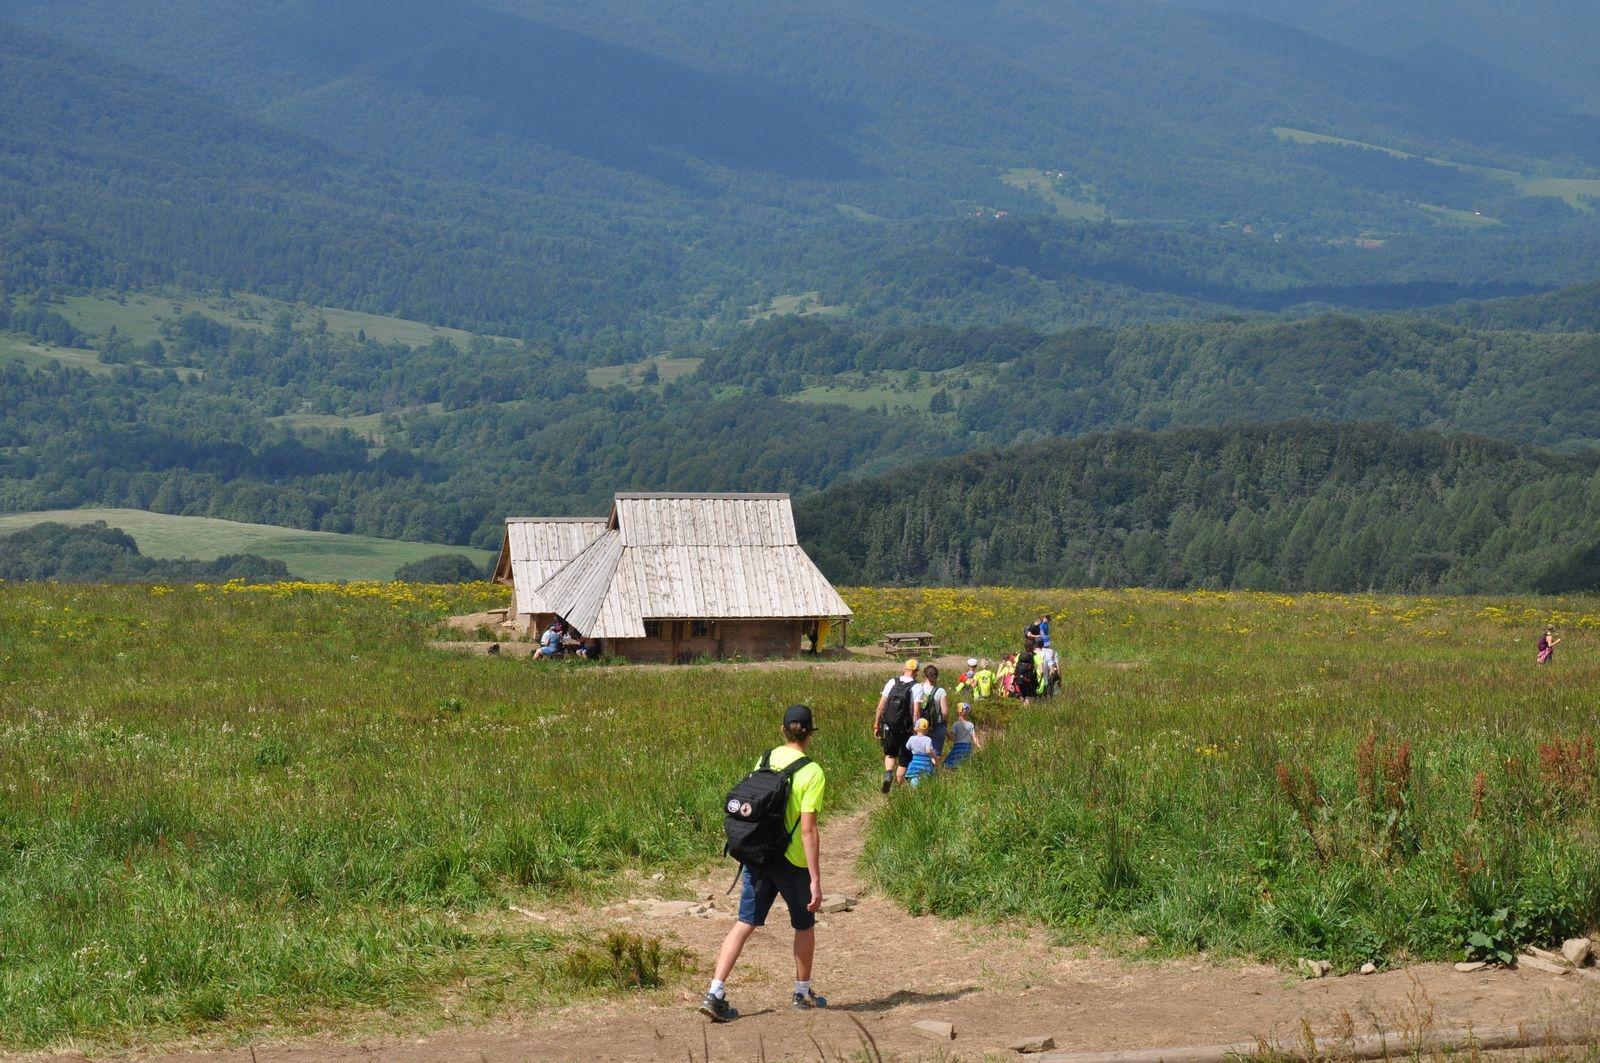 Bieszczady: Tylu turystów na szlakach jeszcze nie było! - Zdjęcie główne